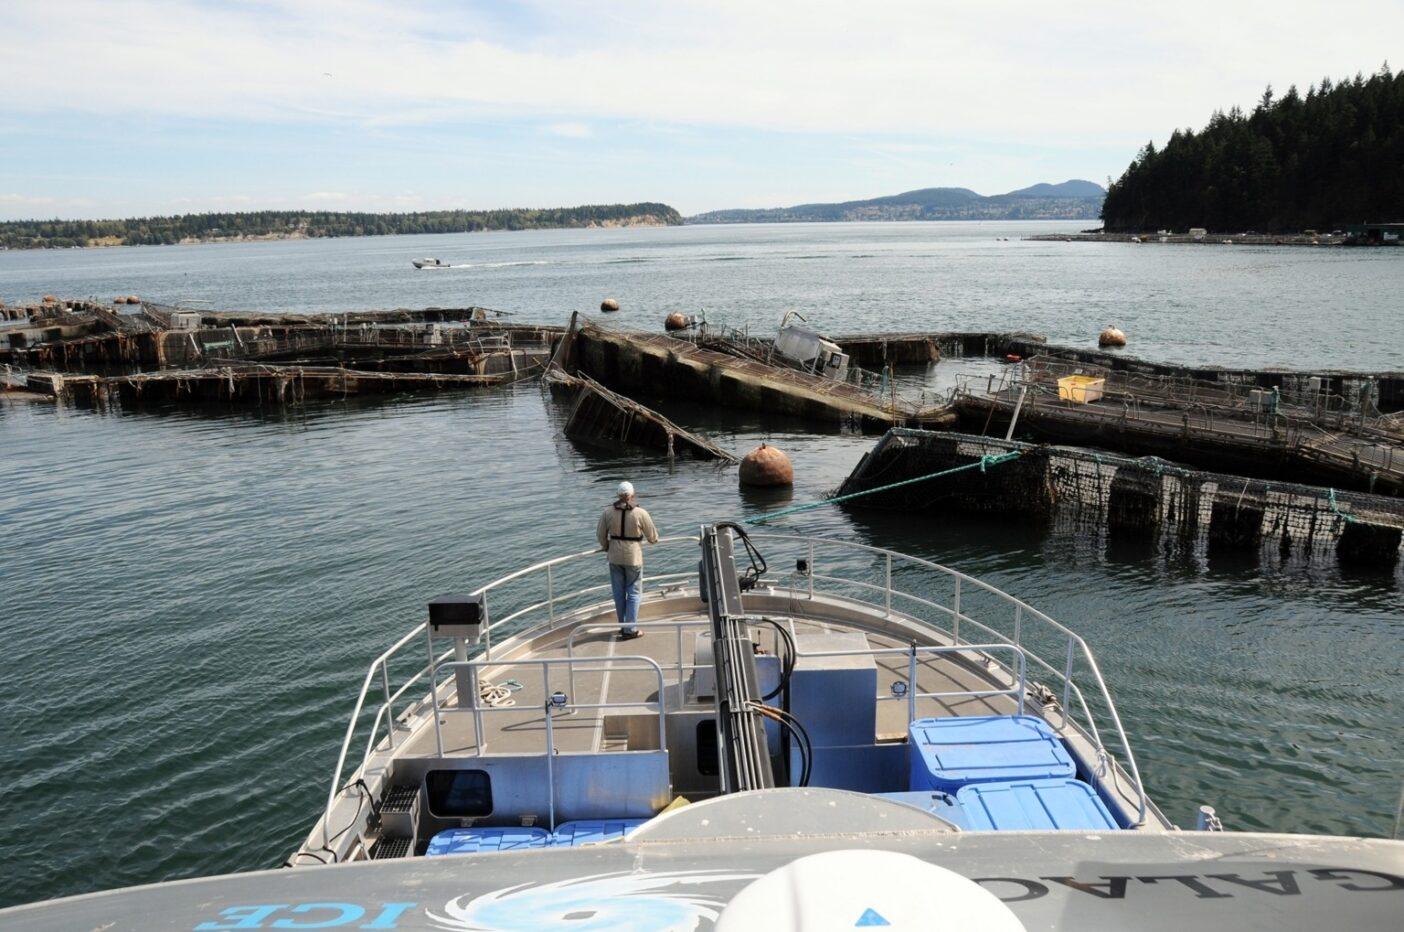 すでに手遅れ。シアトルの北112キロに位置するサイプレス島のクック・アグリカルチャー社のアトランティックサーモン養殖の囲い網の崩壊。この結果、26万匹以上の非自生の養殖アトランティックサーモンがピュージット湾に流れ出た。Photo:Wild Fish Conservancy